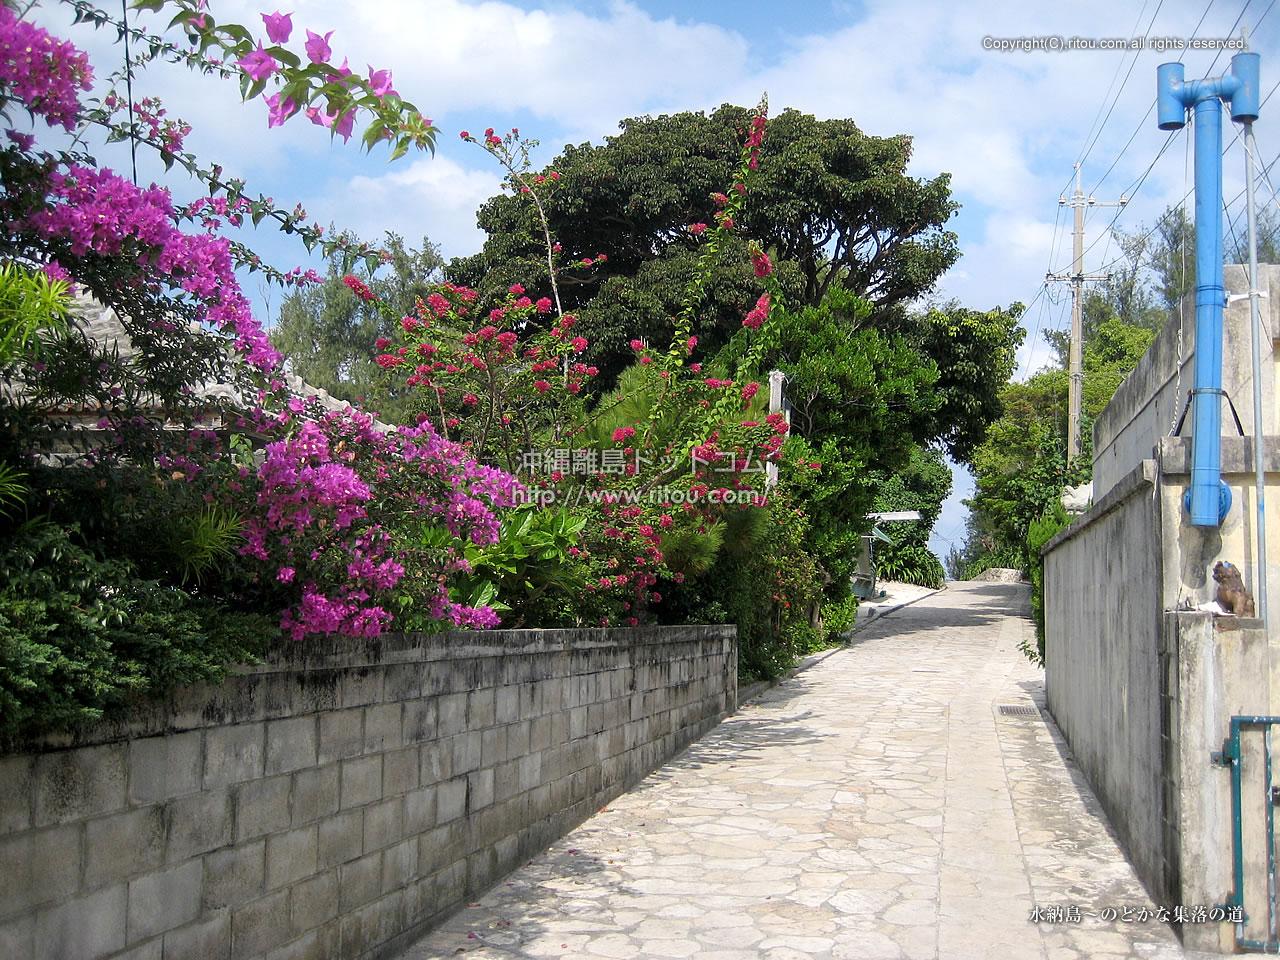 水納島〜のどかな集落の道